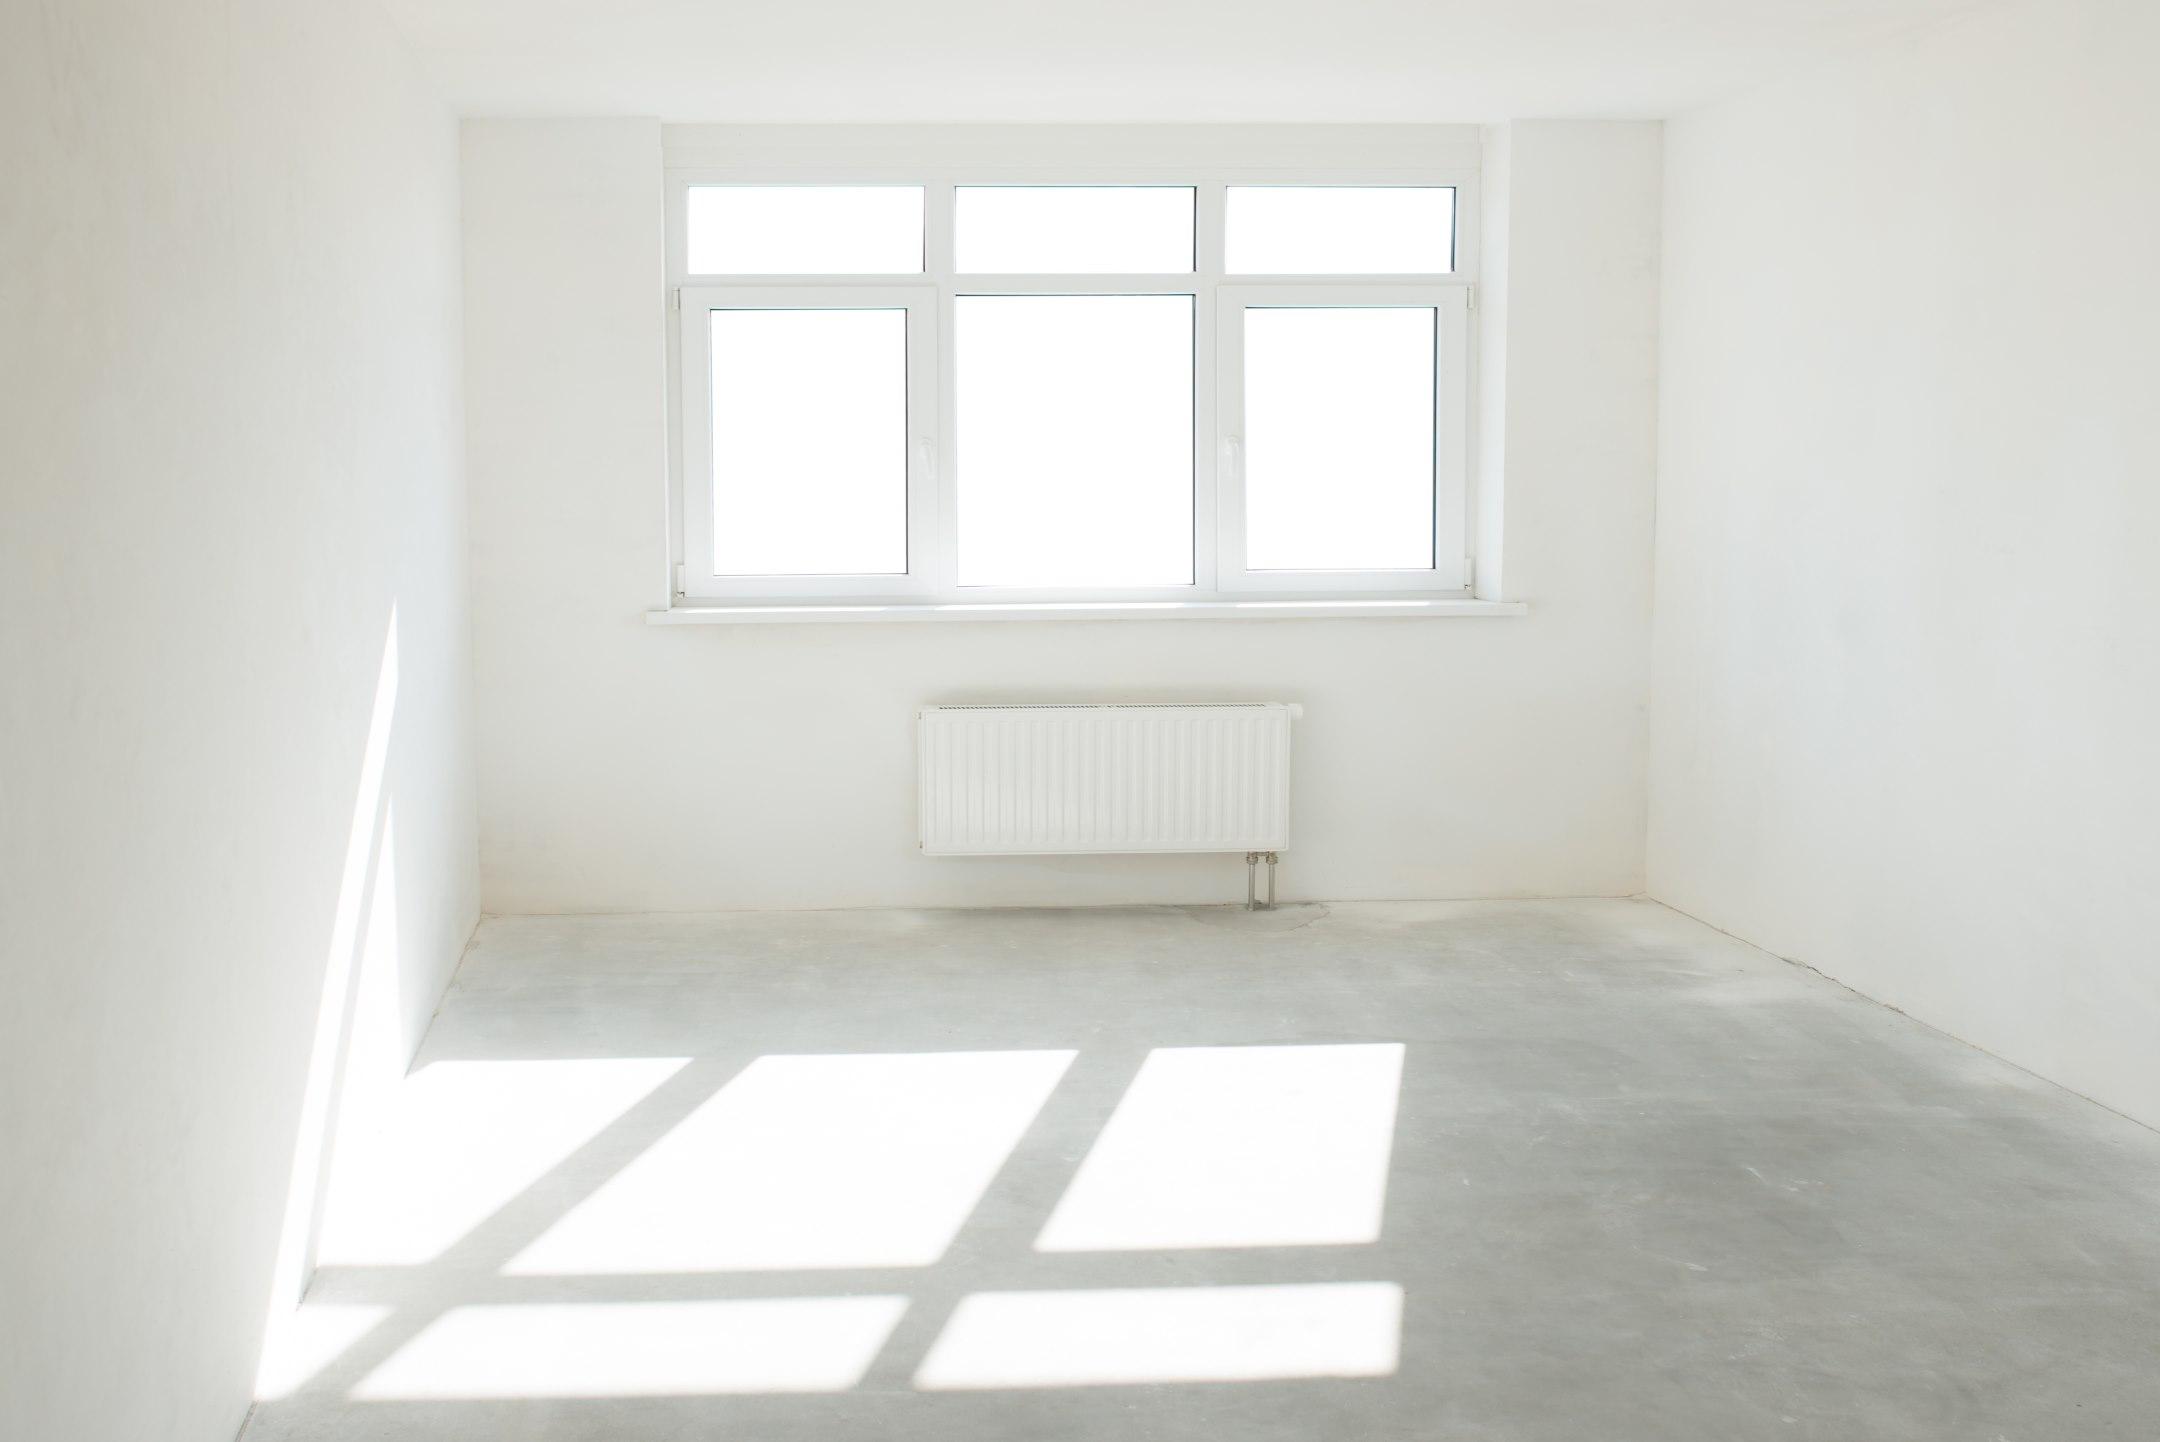 Full Size of Fenster Einbauen Anleitung In 9 Schritten Obi Gardinen Für Schlafzimmer Die Küche Wohnzimmer Scheibengardinen Wohnzimmer Gardinen Doppelfenster